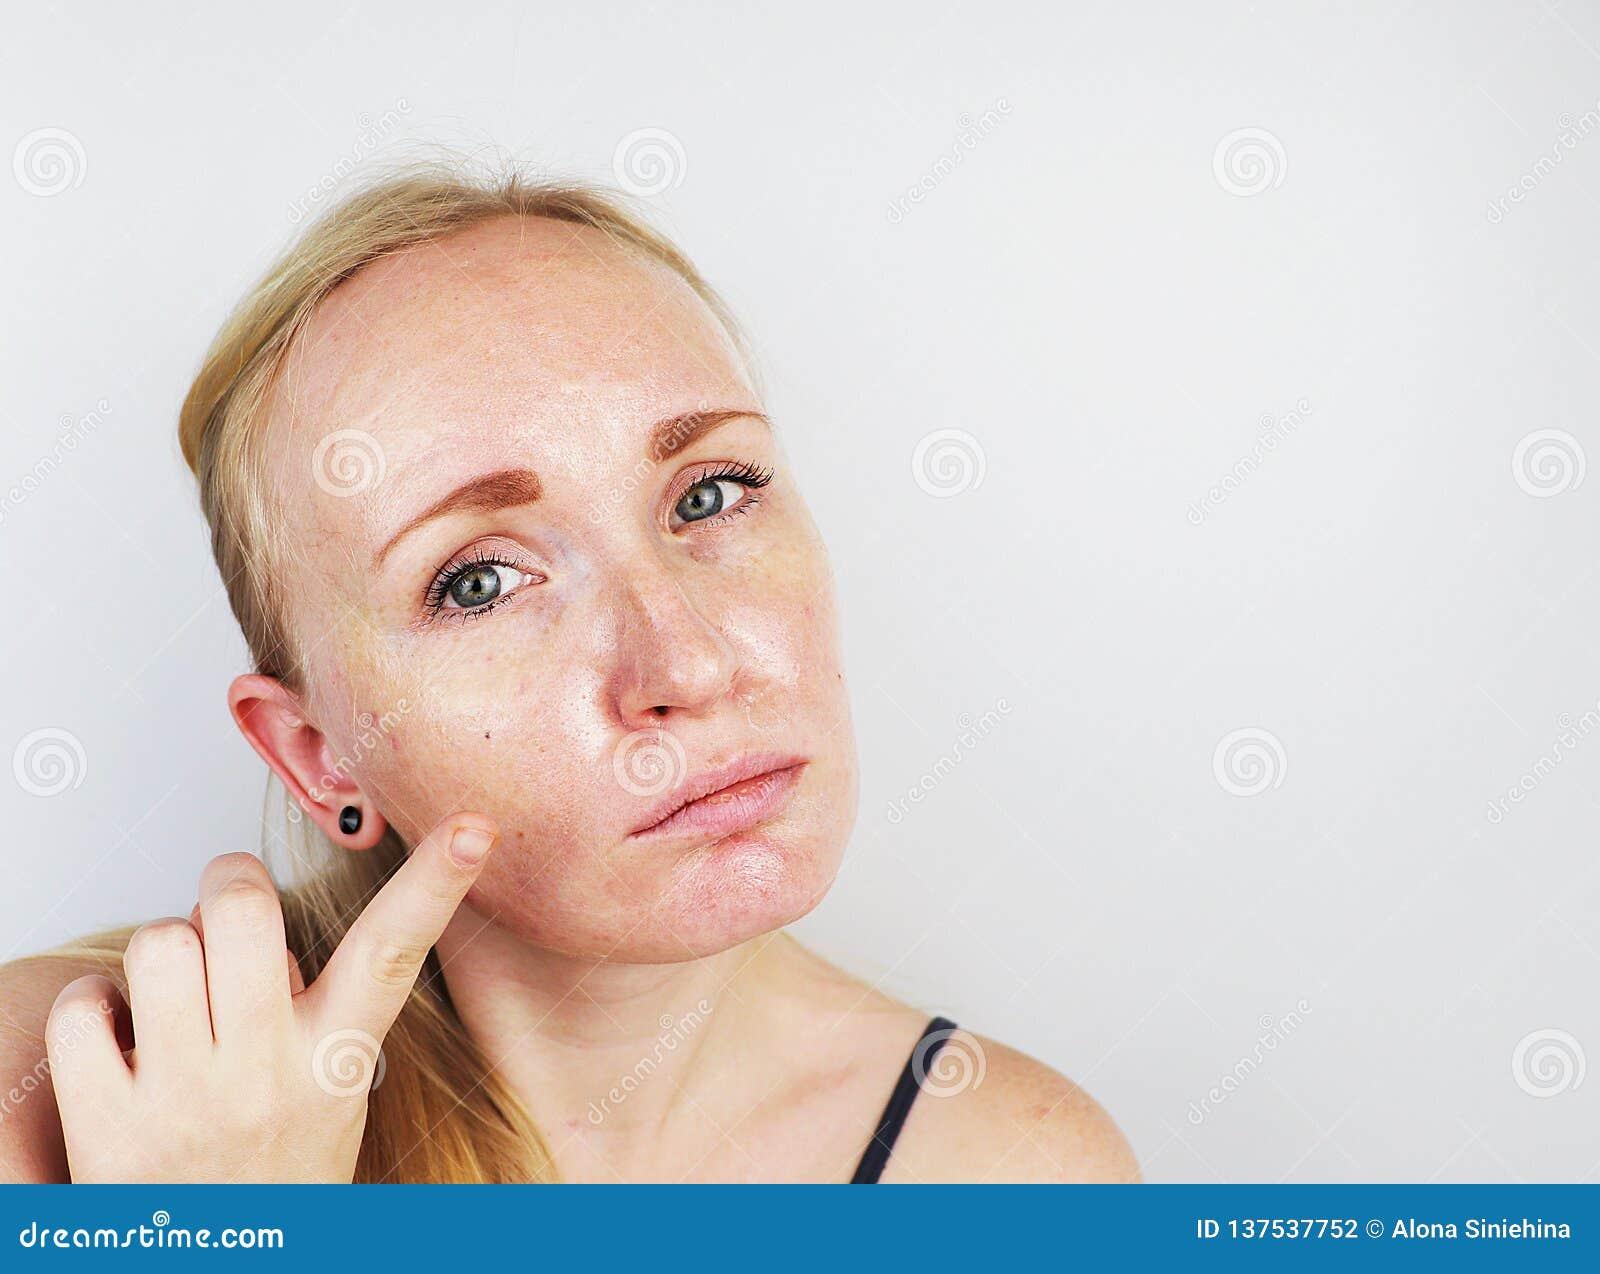 Кожа маслообразных и проблемы Портрет белокурой девушки с угорь, маслообразной кожей и пигментацией